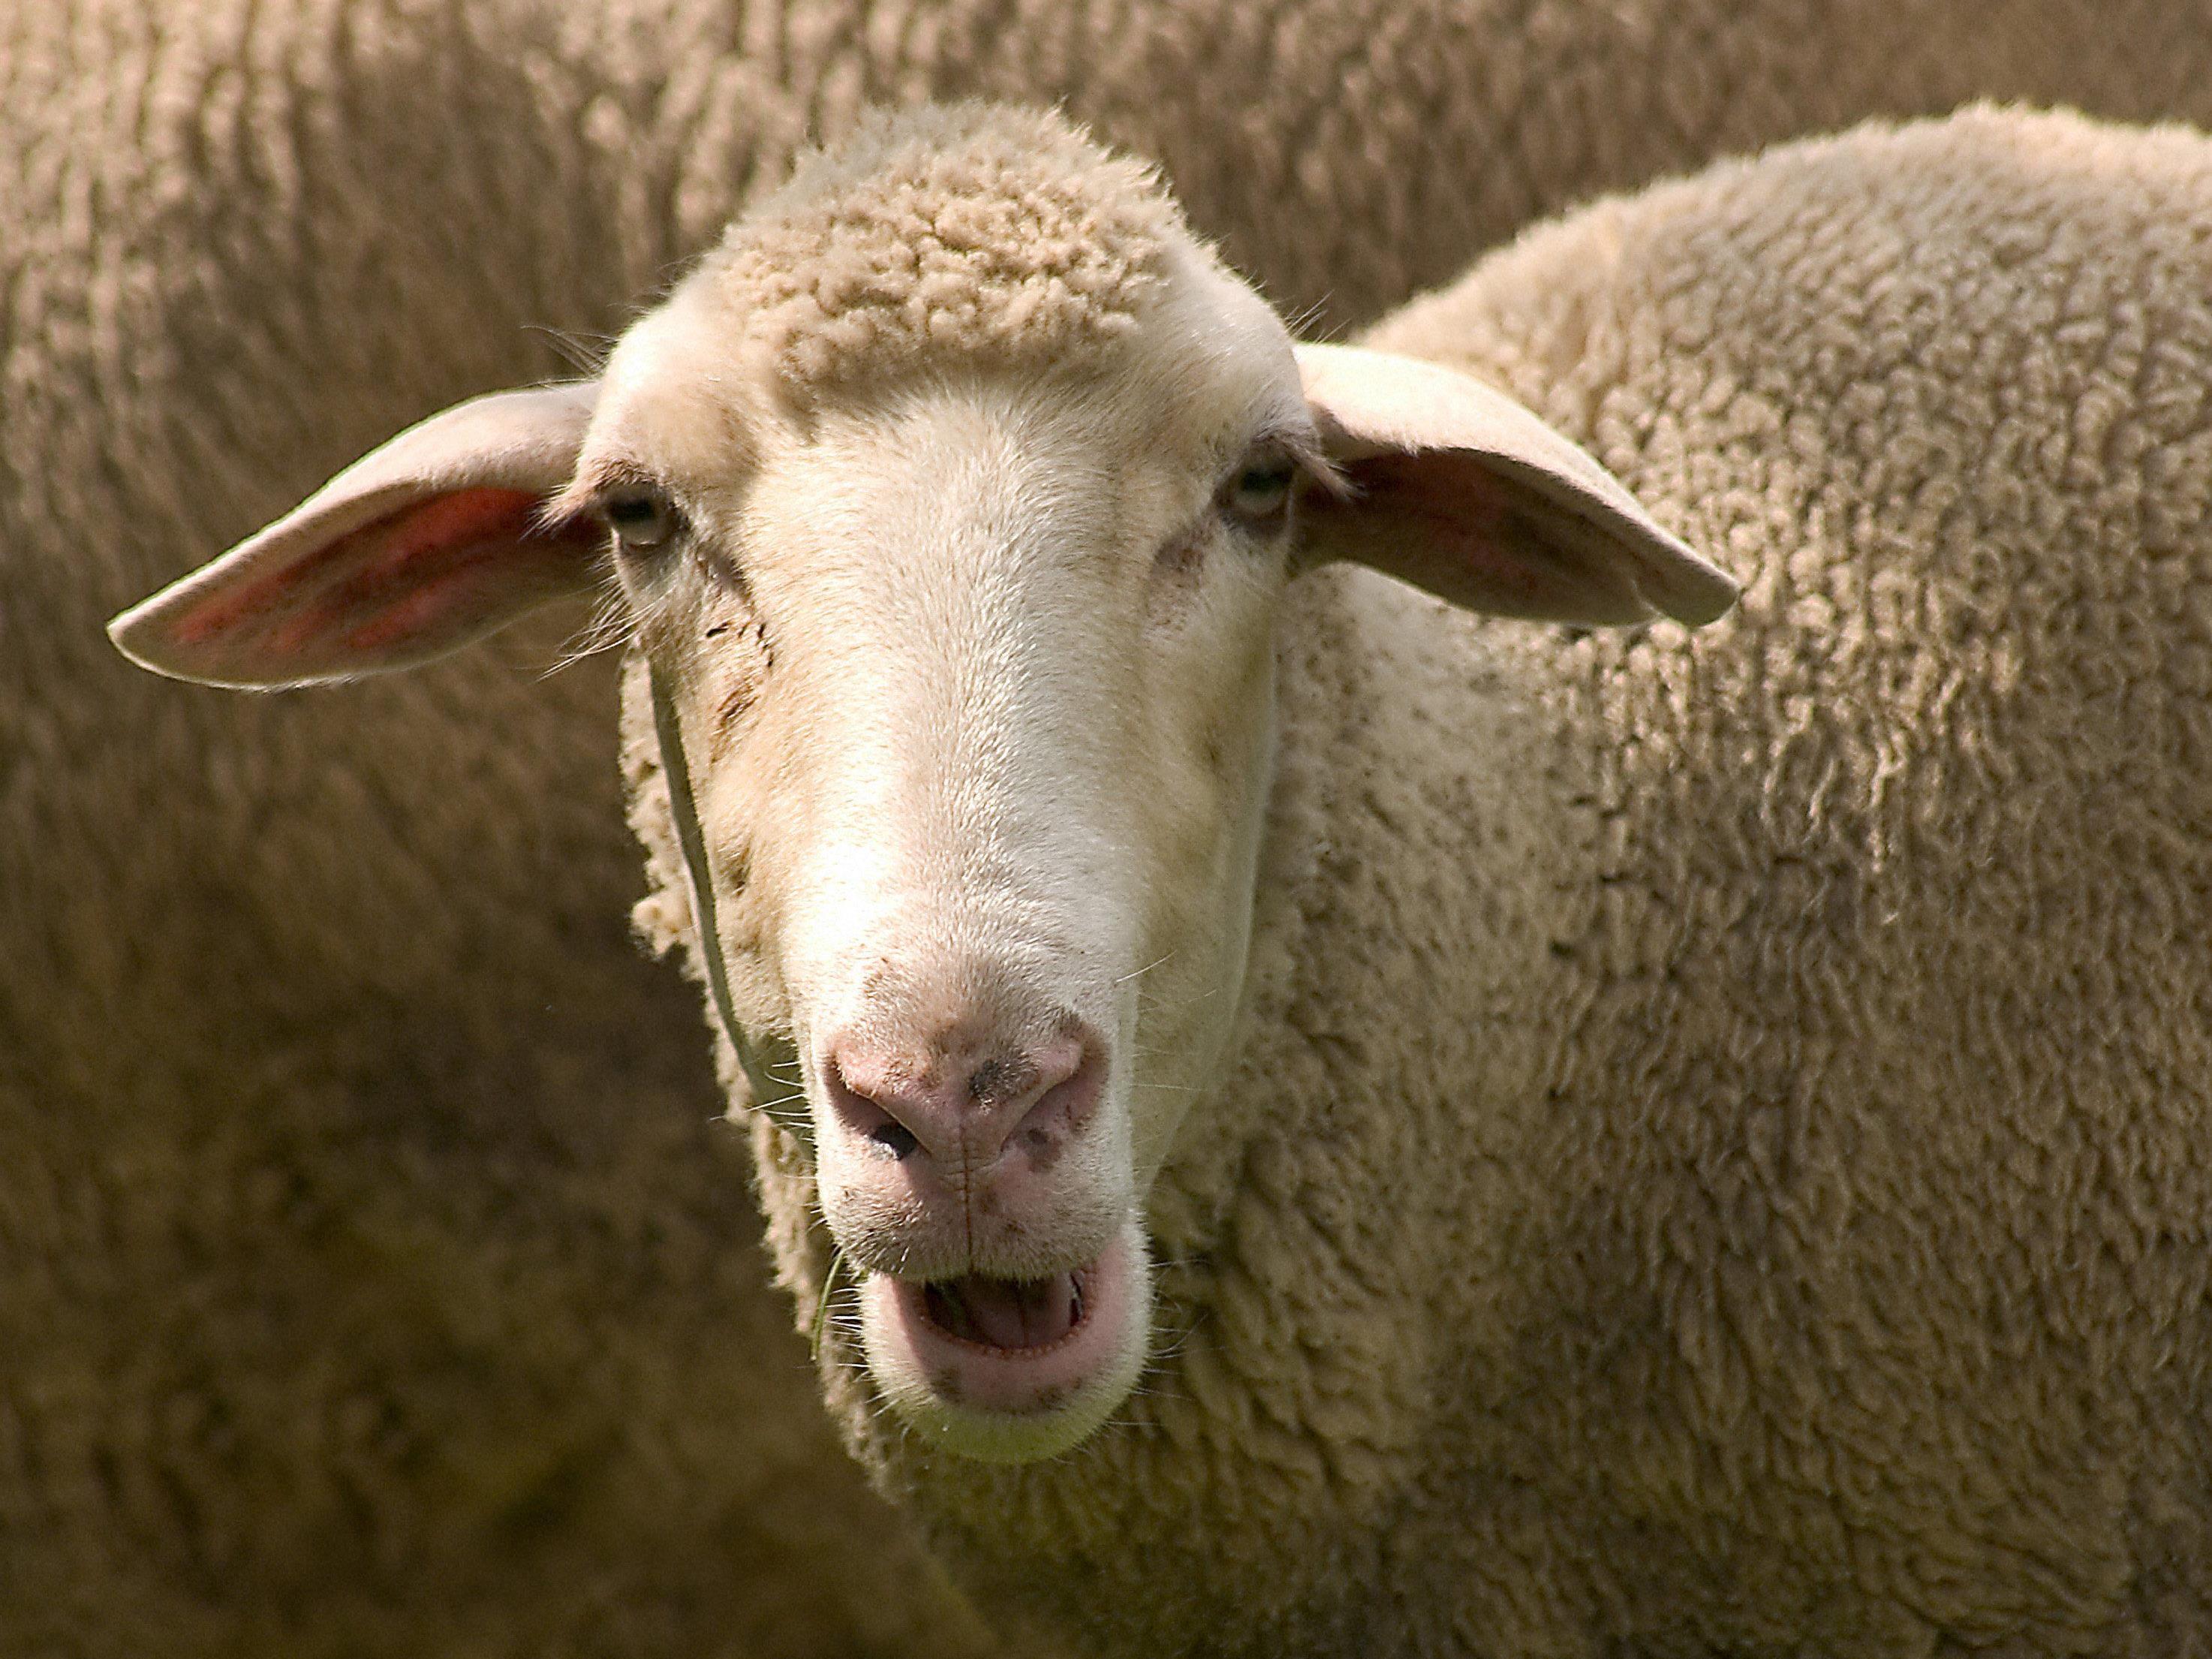 """Rund 800 Schafe starben nachdem sie die Pflanze """"Darling Pea"""" verputzt haben."""